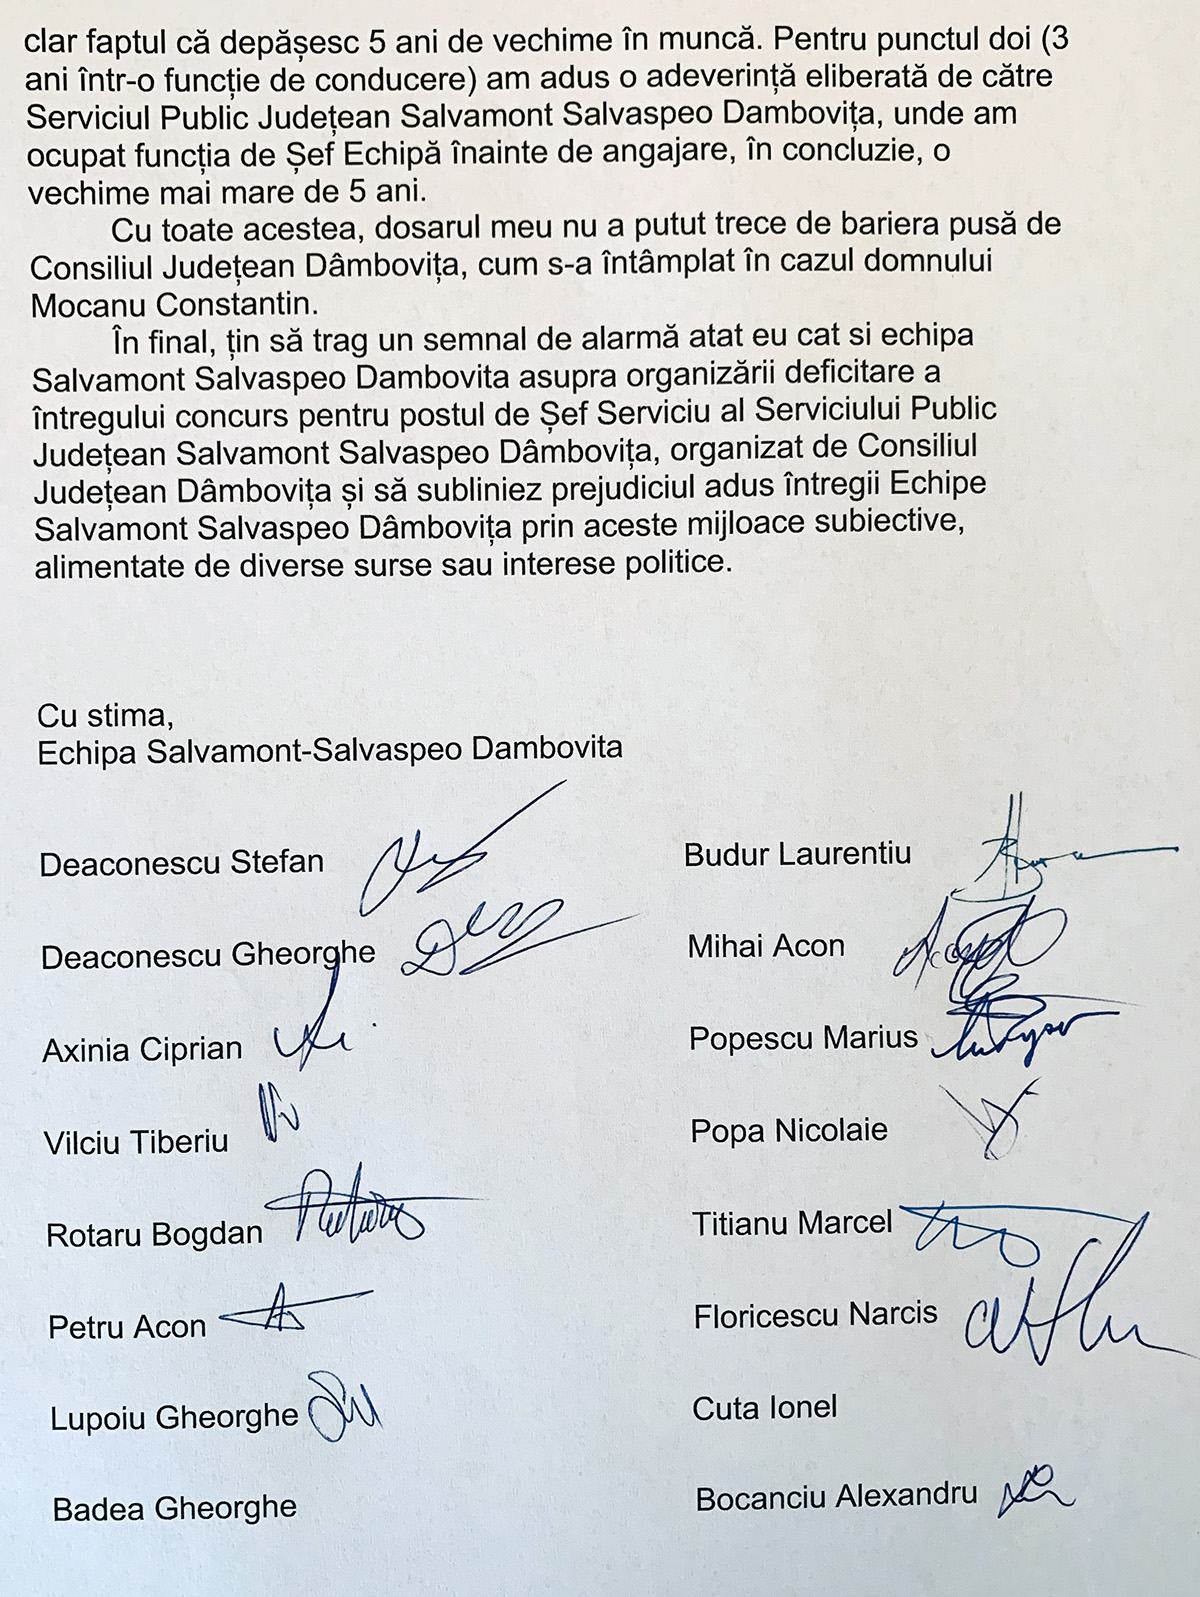 Echipa Salvamont Dâmboviţa solicită public CJ Dâmboviţa, amănarea concursului pentru postul şef Serviciul Salvamont Dâmboviţa şi intervenţia instituţiilor abilitate să verifice legalitatea organizării concursului